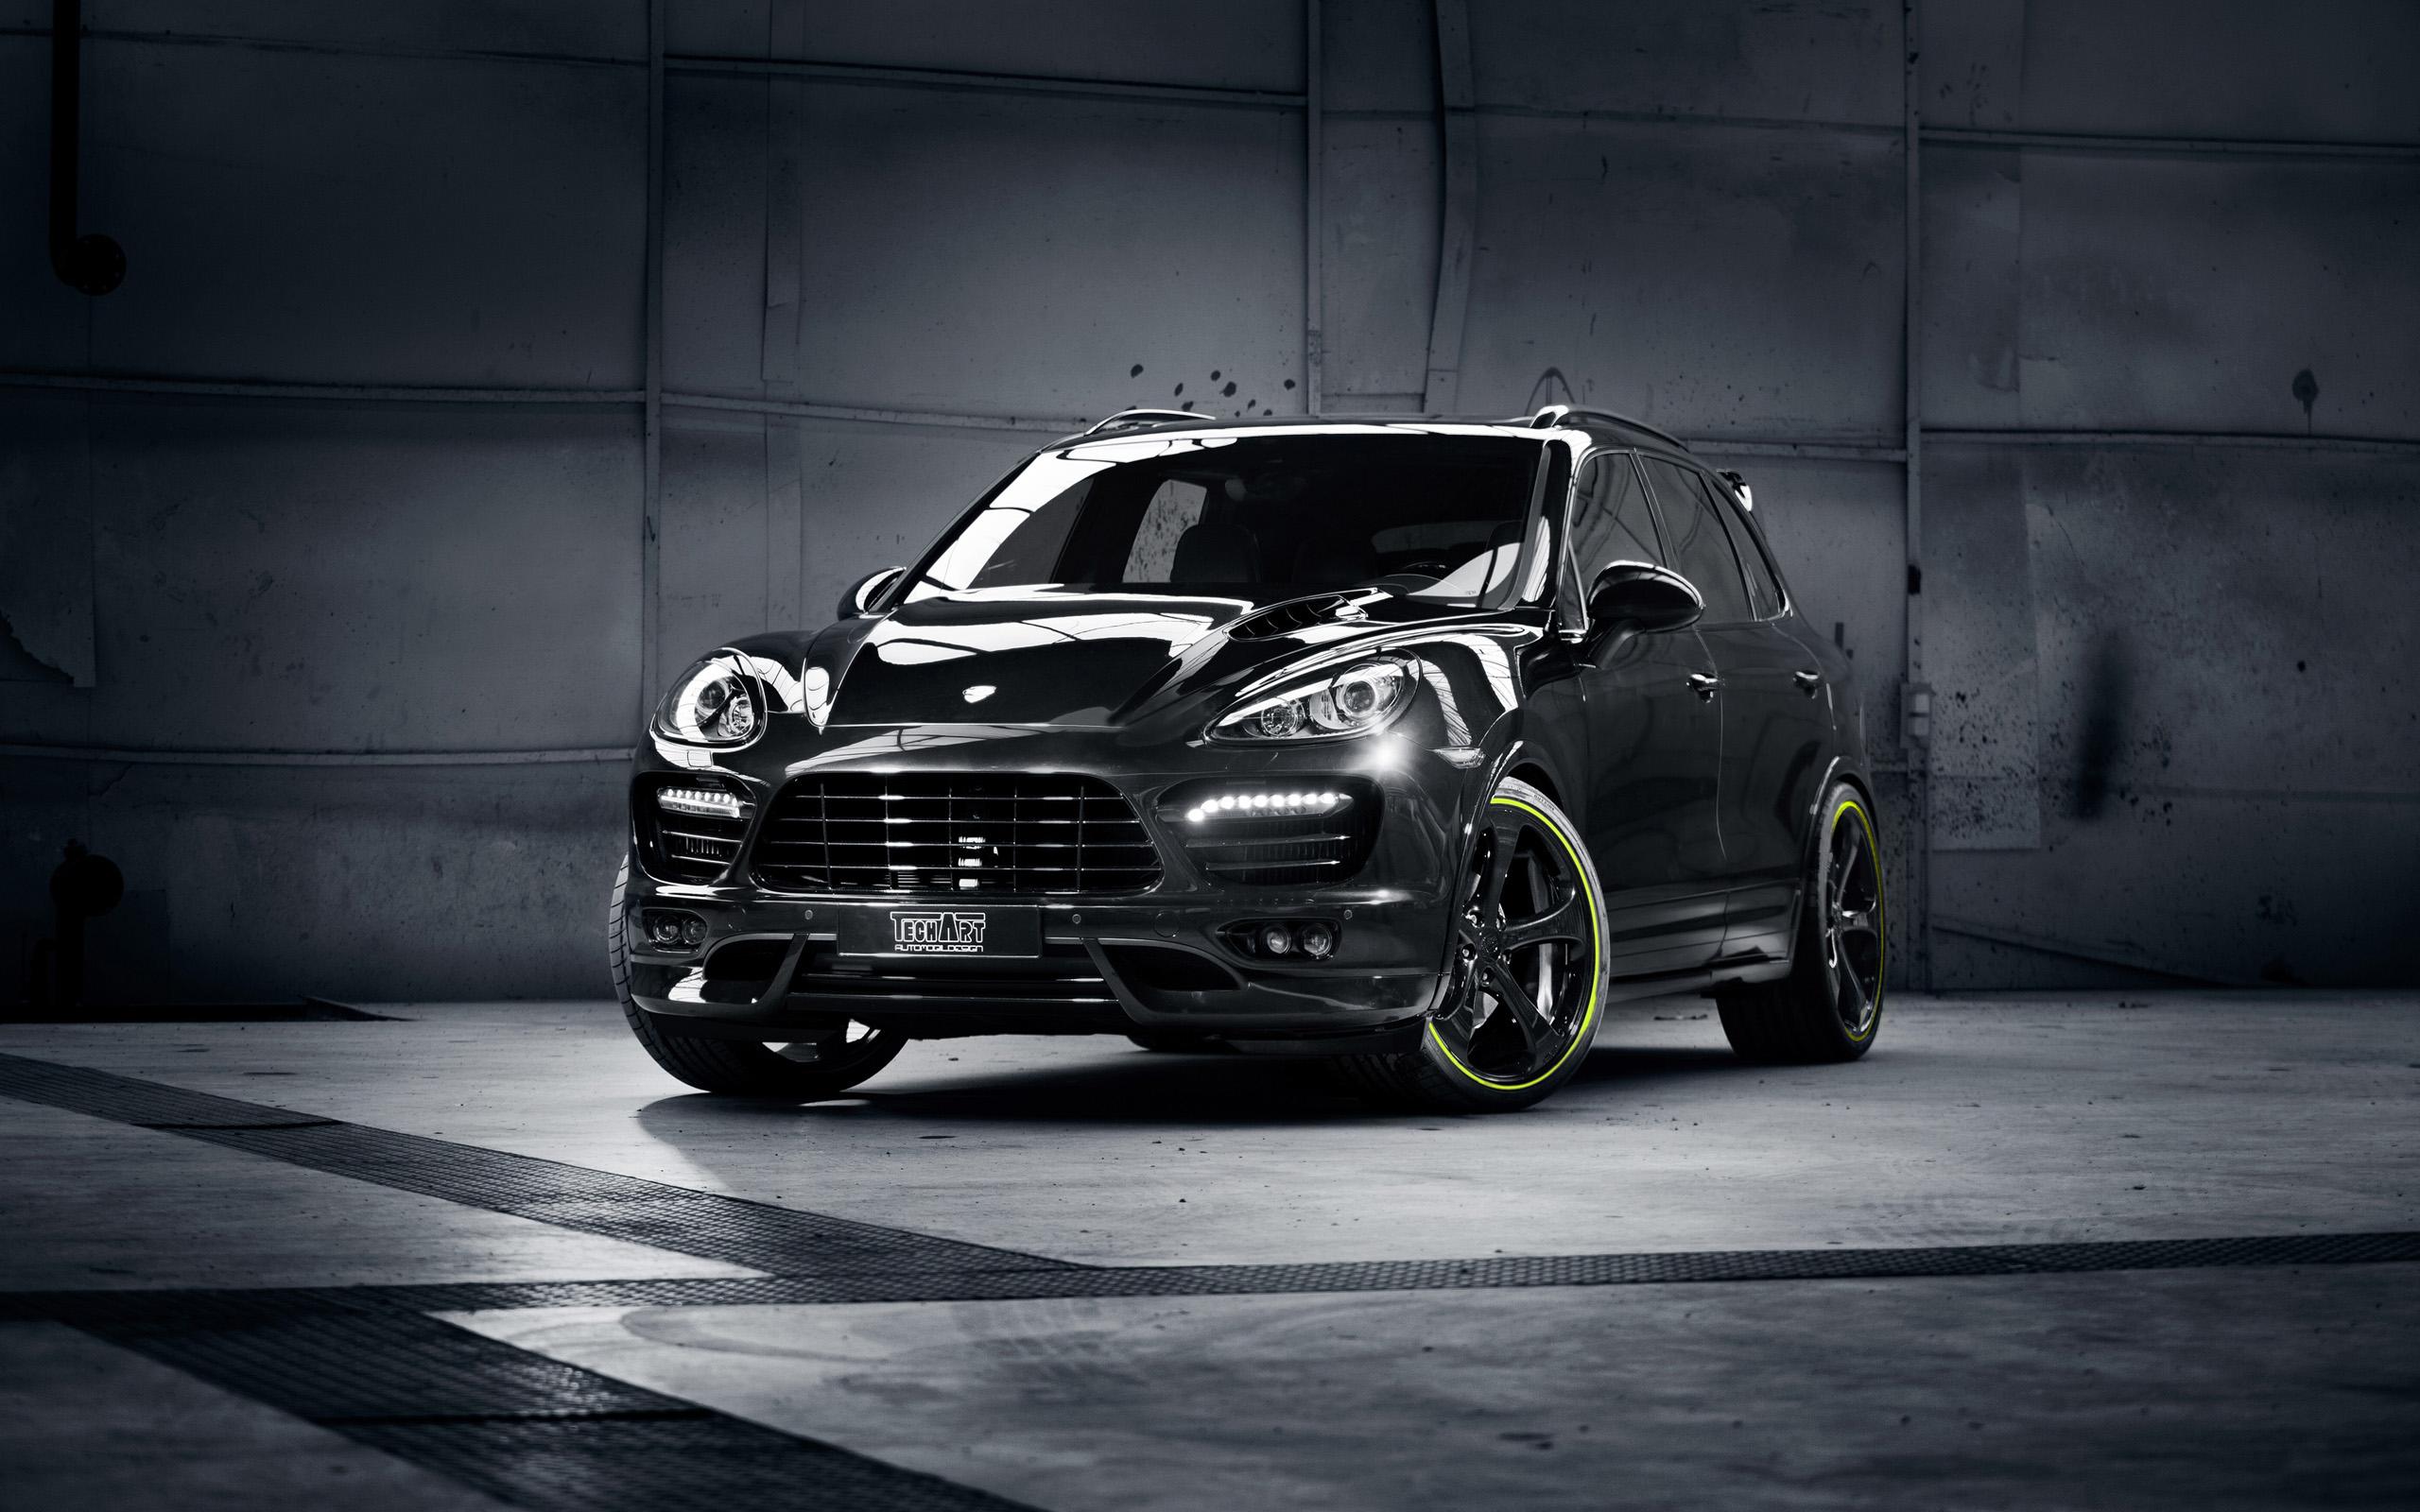 2013 Techart Porsche Cayenne S Diesel Wallpaper Hd Car Wallpapers